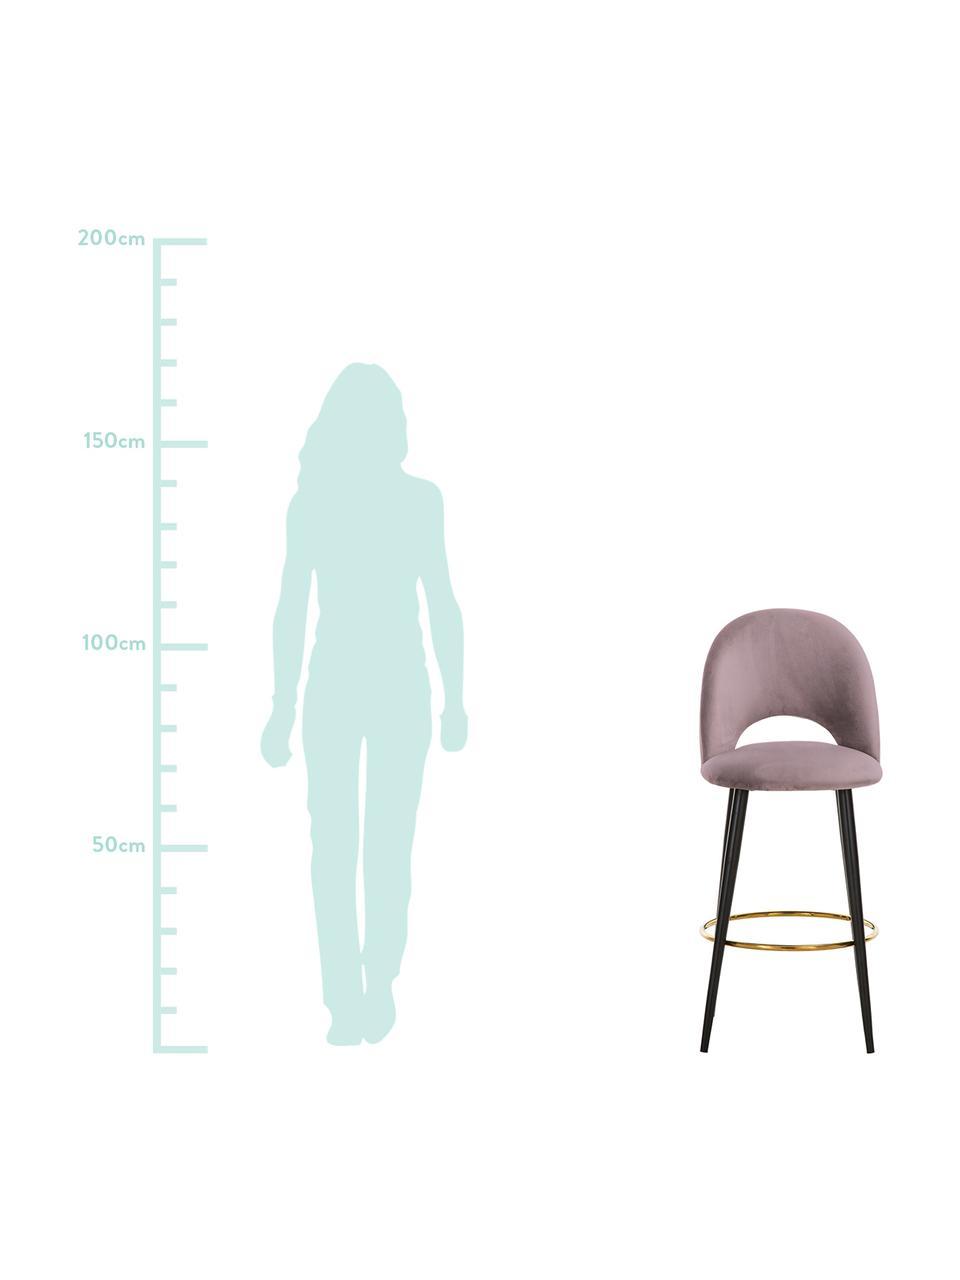 Sedia da bar in velluto malva Rachel, Rivestimento: velluto (poliestere) 50.0, Gambe: metallo verniciato a polv, Velluto malva, Larg. 48 x Alt. 110 cm